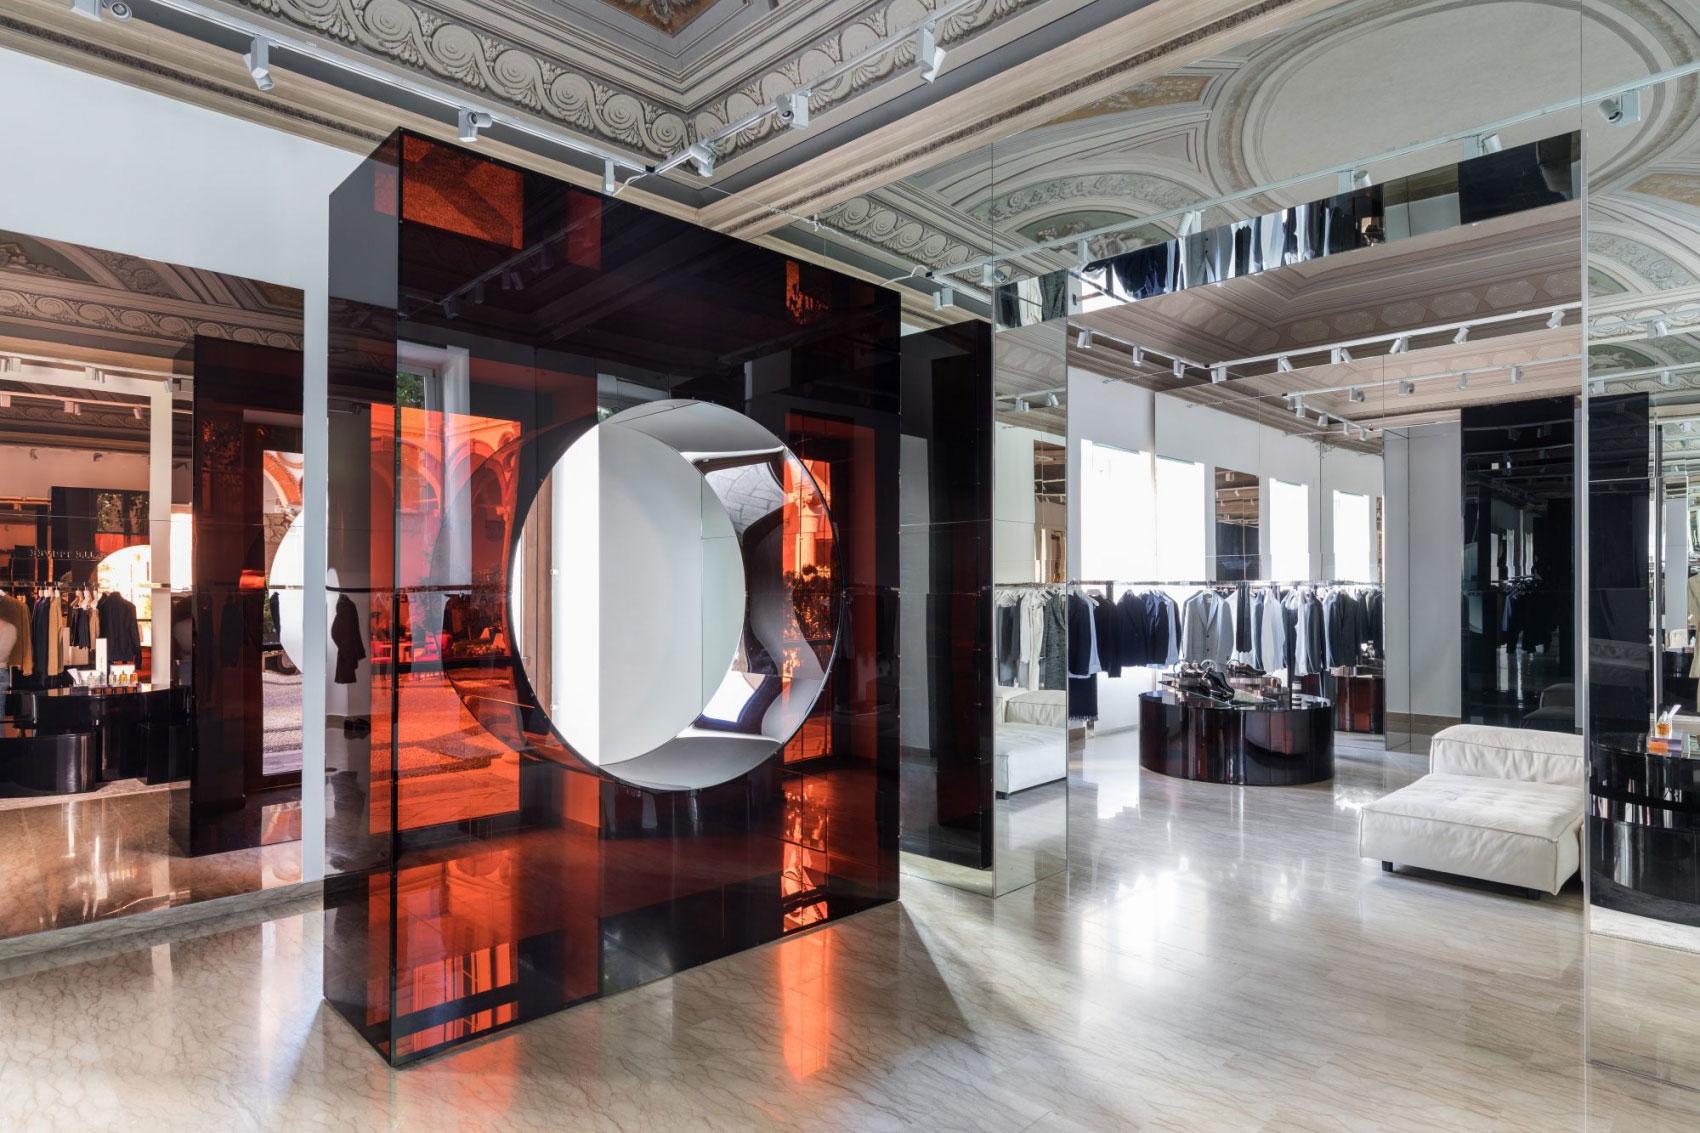 Salle Privée opent parfumwinkel op de Cornelis Schuytstraat